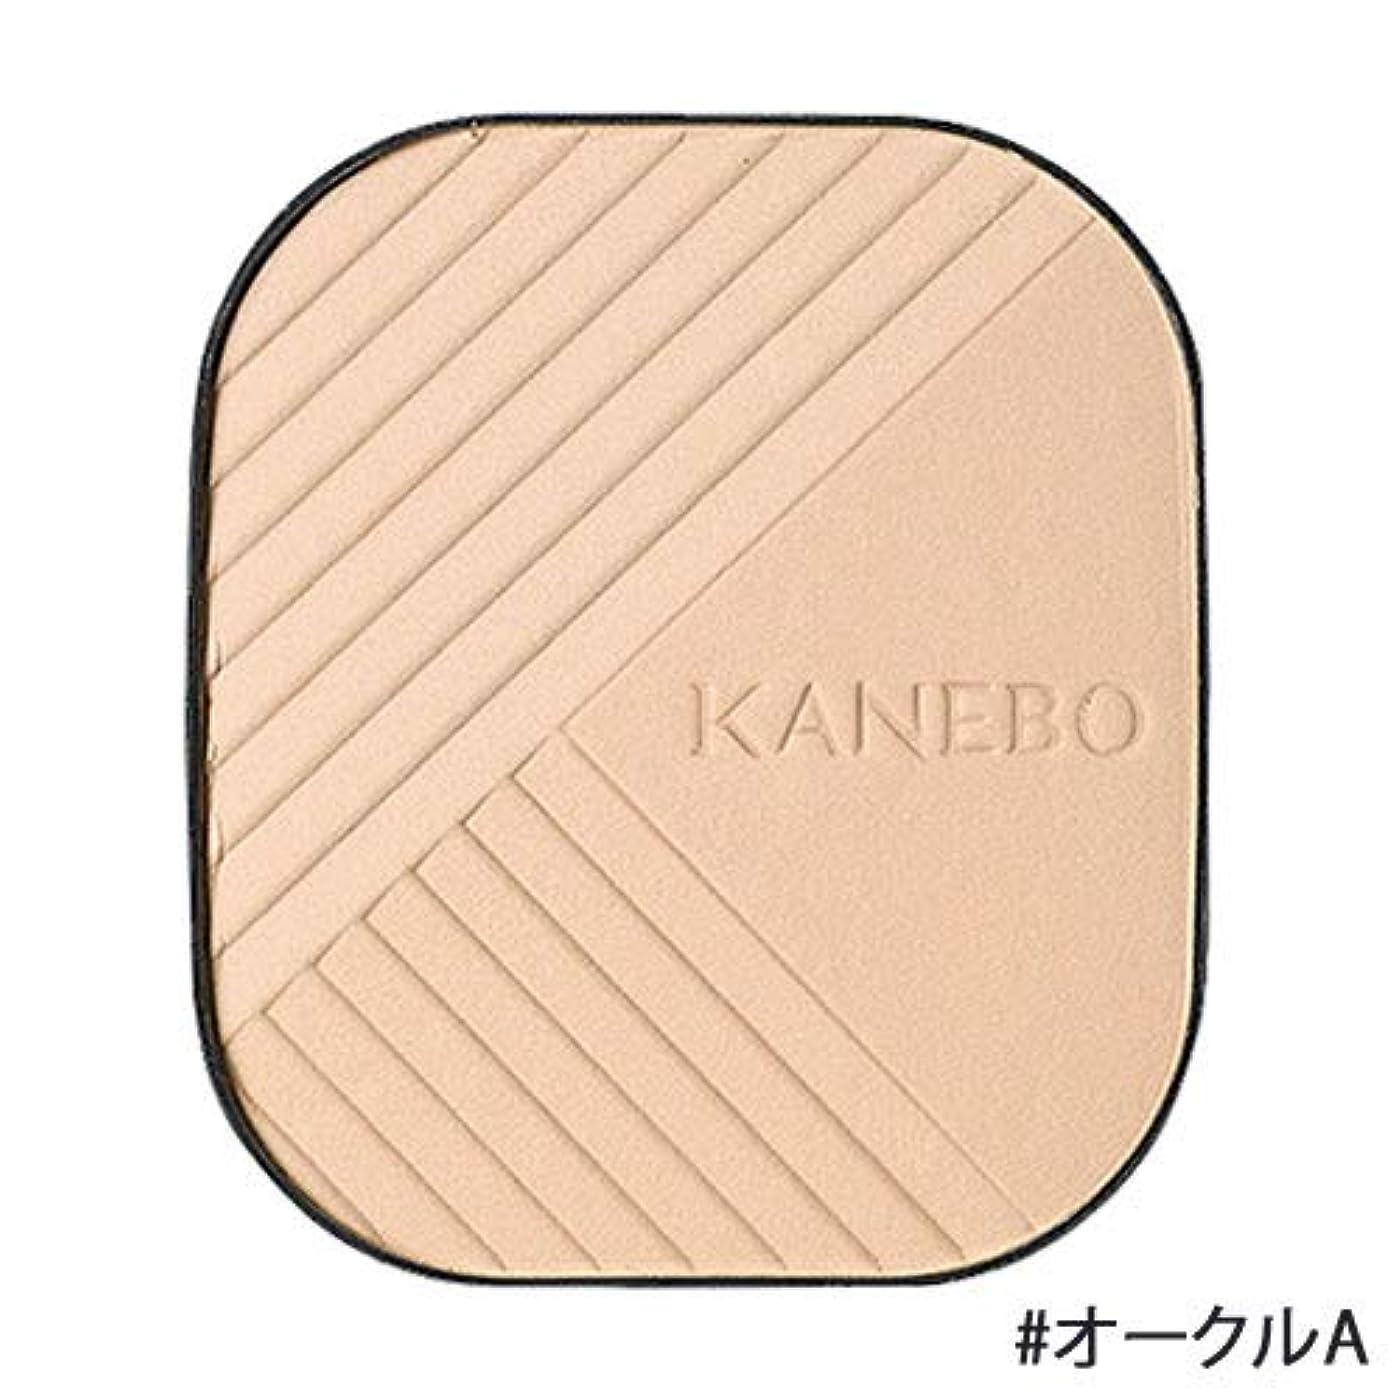 構造的性別電化するKANEBO カネボウ ラスターパウダーファンデーション レフィル オークルA/OC A 9g [並行輸入品]